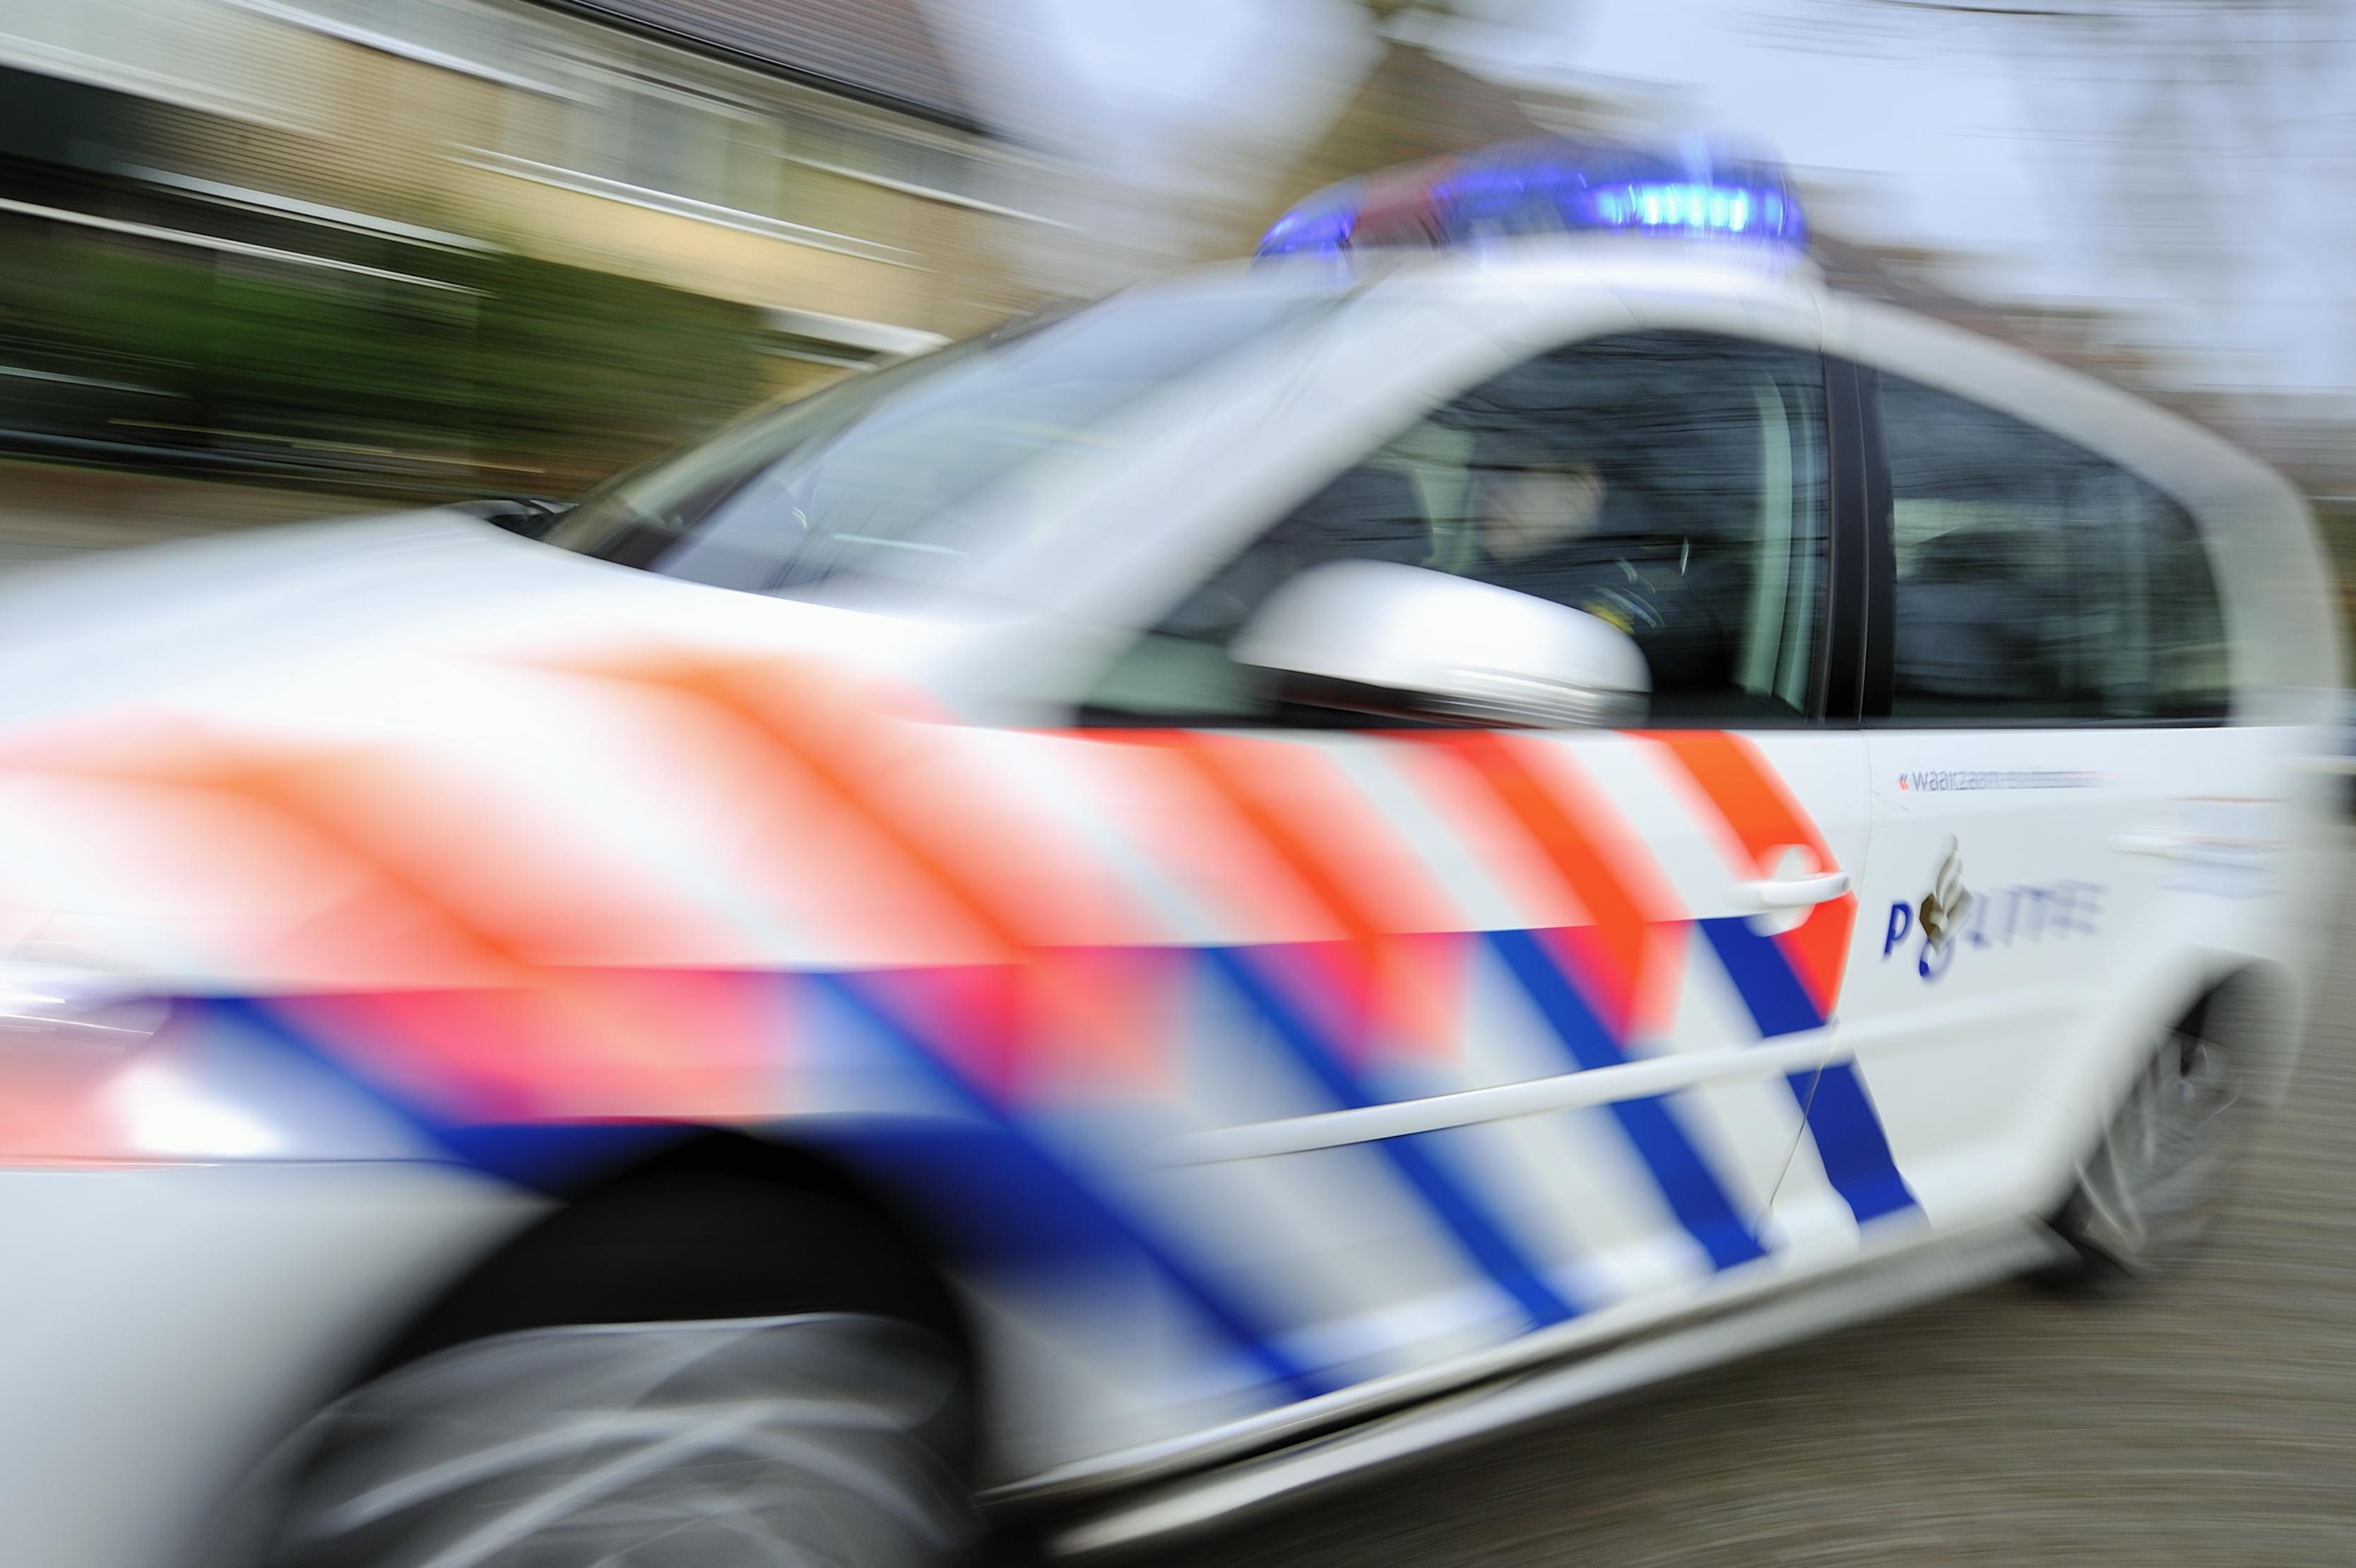 Politie zoekt getuigen van gewapende overval op snackbar Sint Pancras